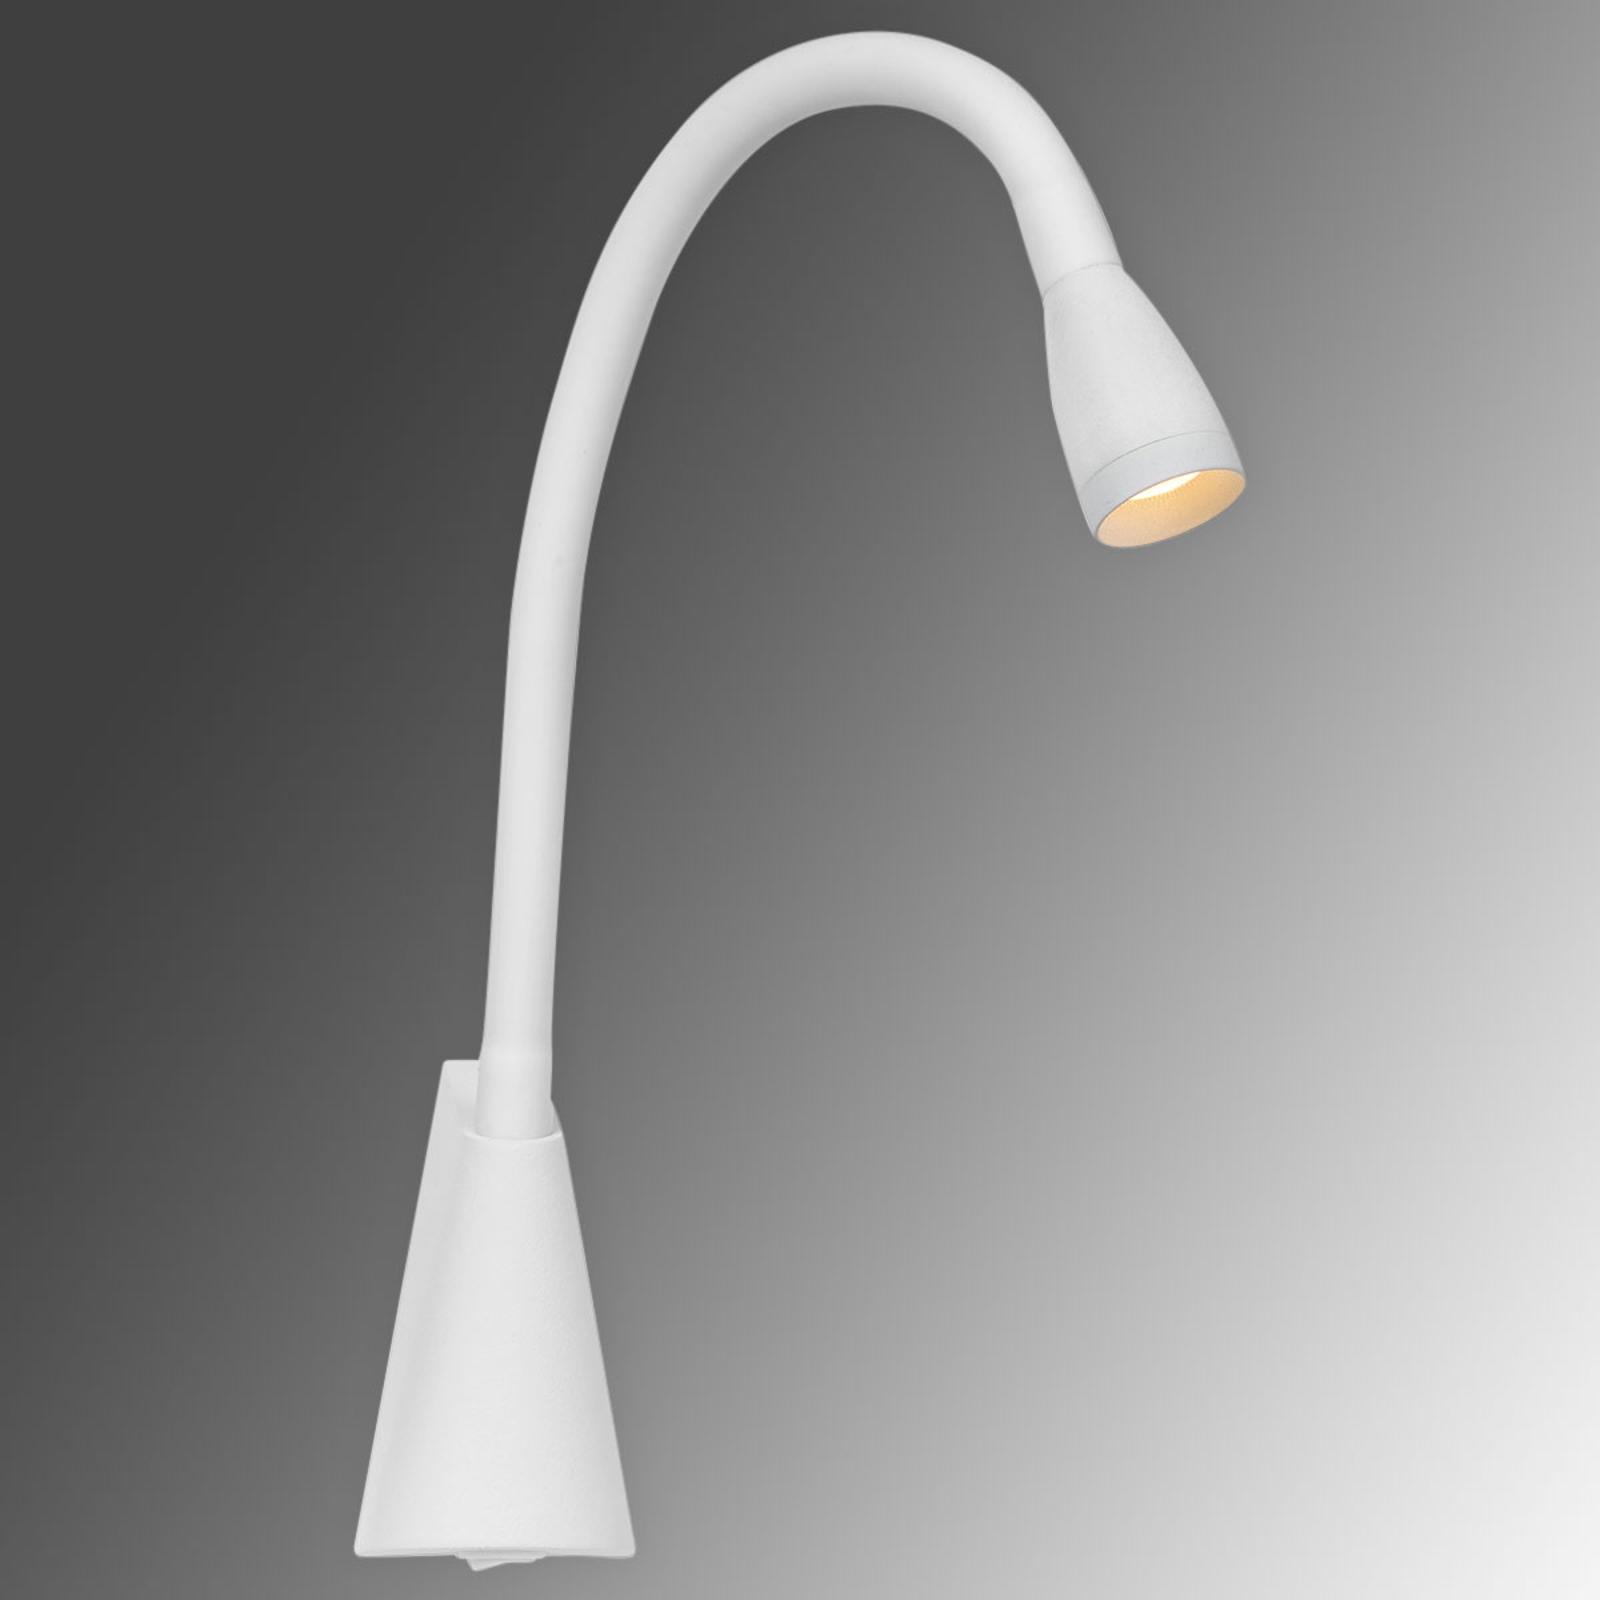 Biegbare LED-Wandleuchte Galen in Weiß